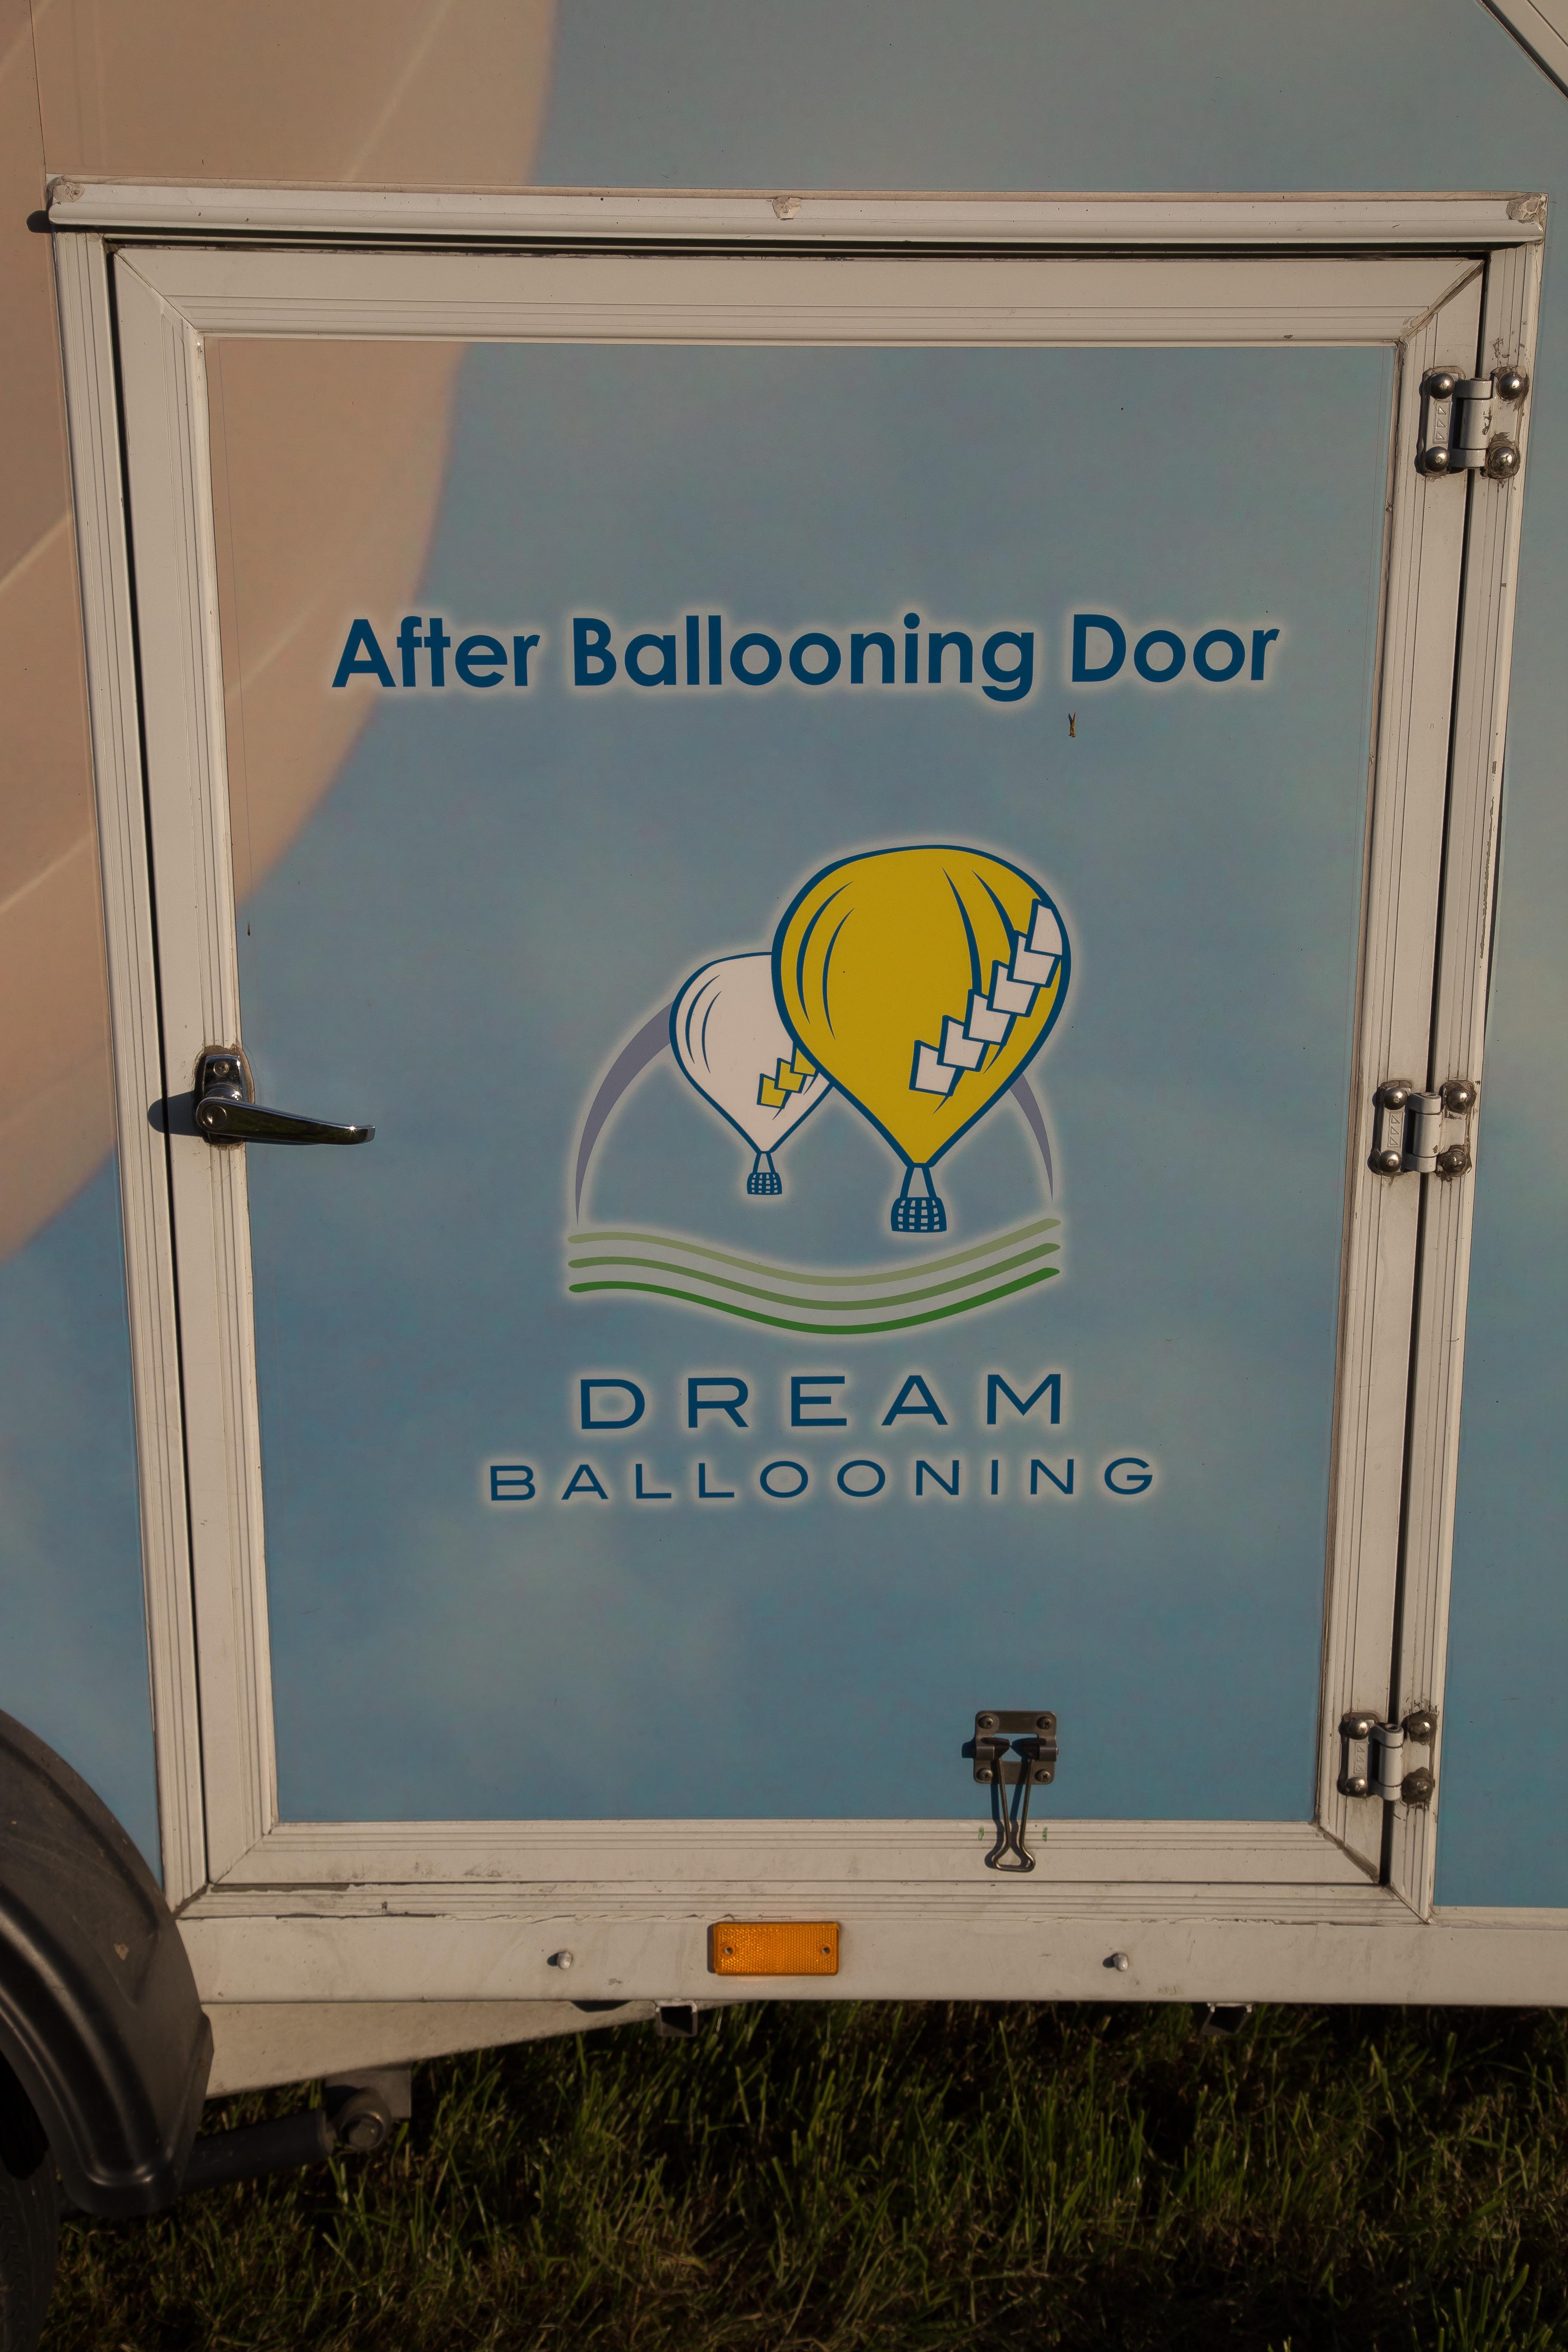 After Ballooning Dream Ballooning